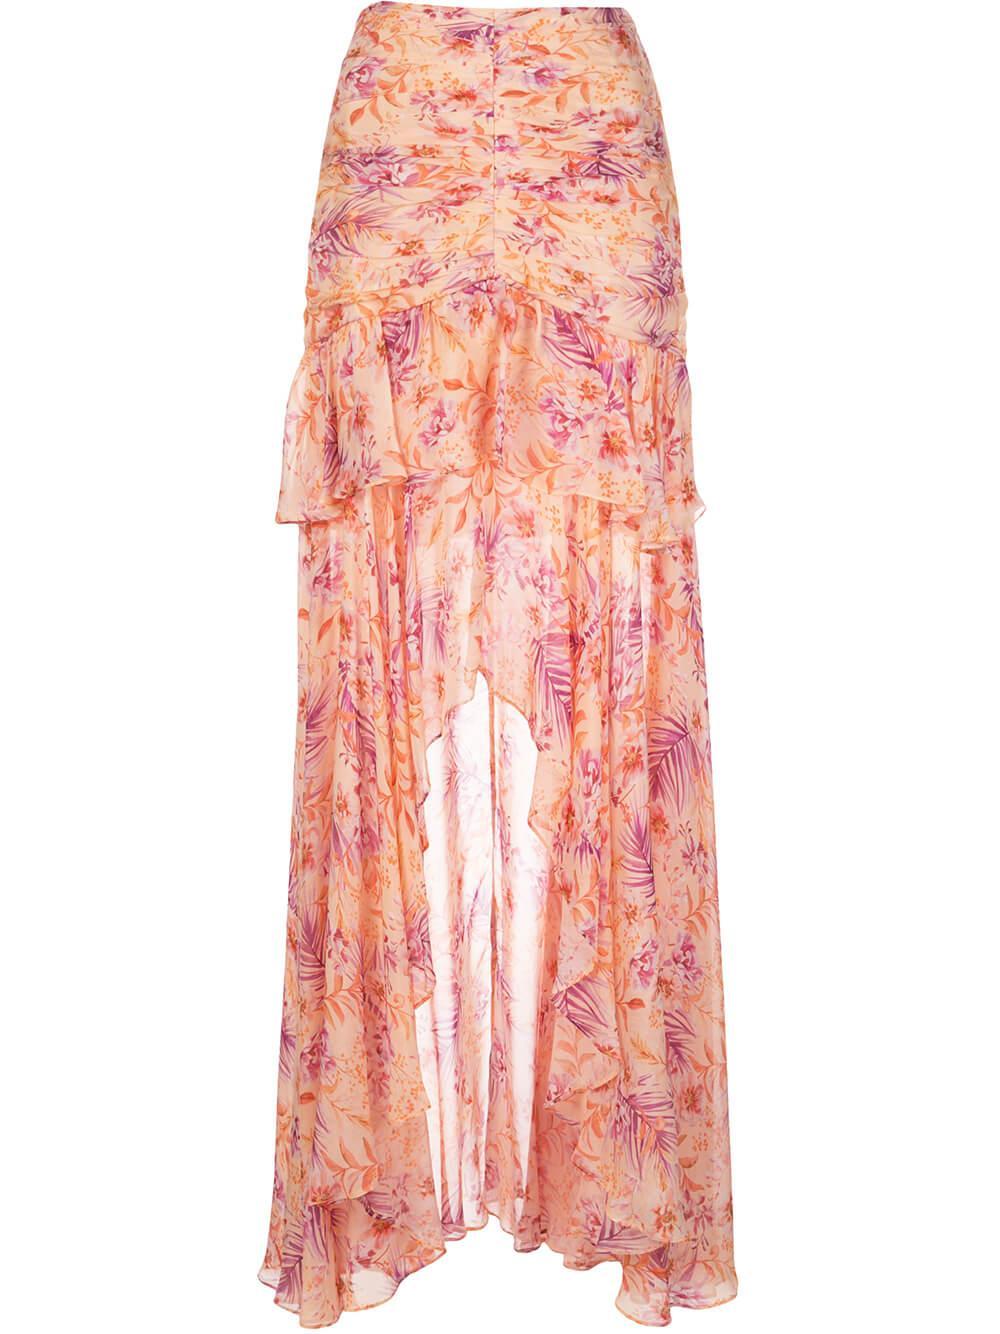 Fie High Low Printed Skirt Item # 5832238